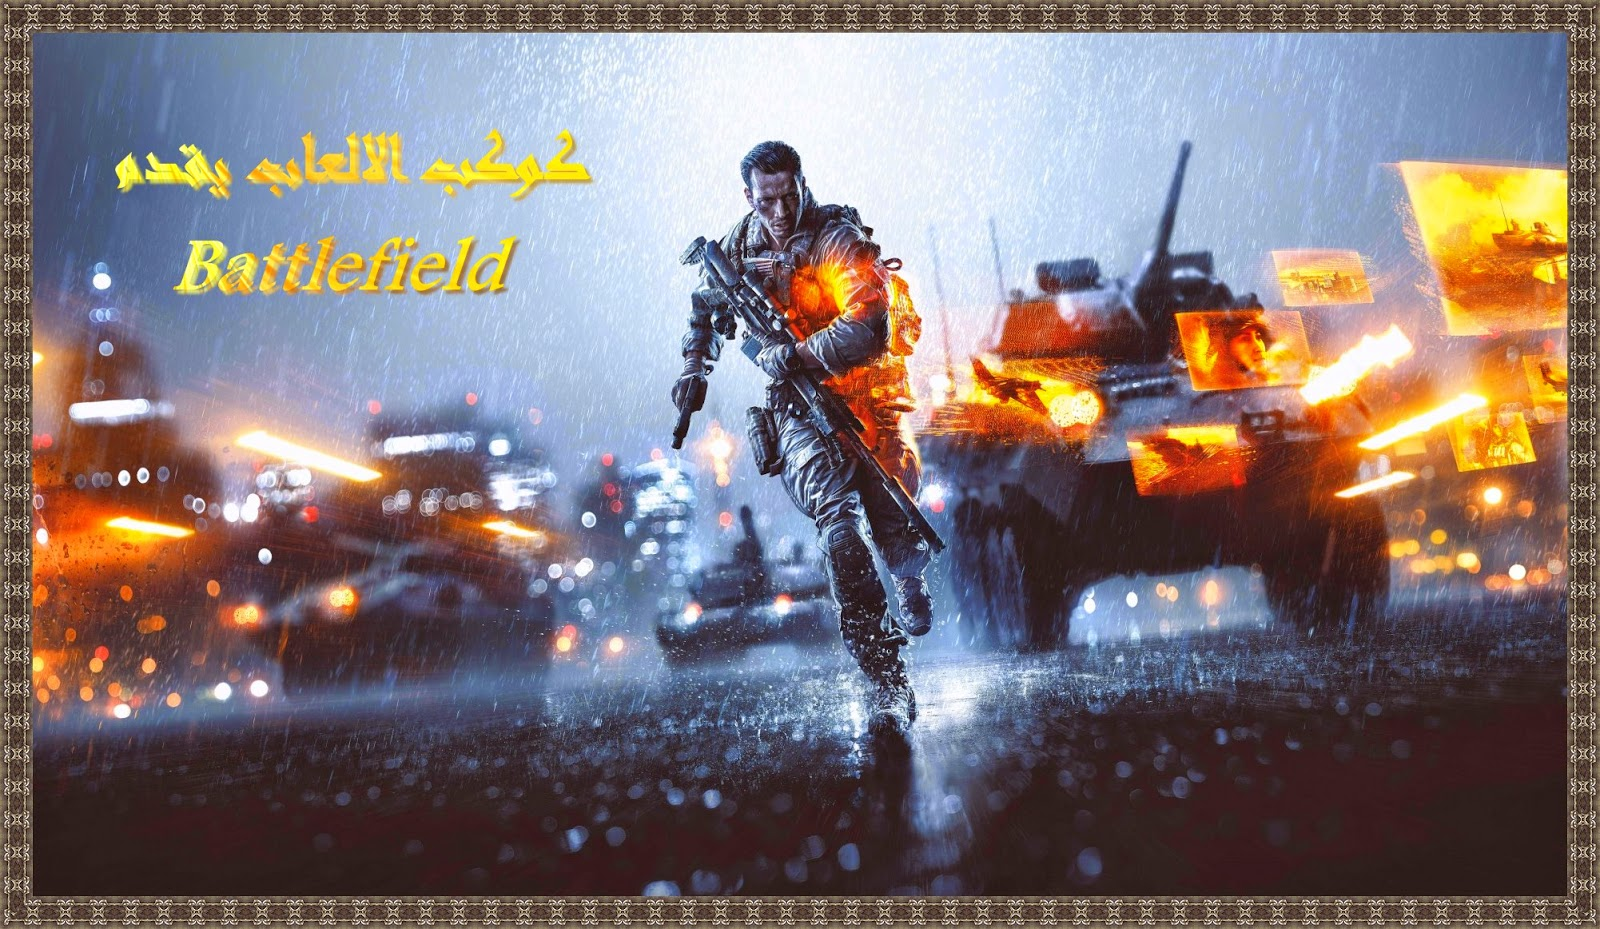 تحميل سلسلة العاب باتل فيلد Battlefield